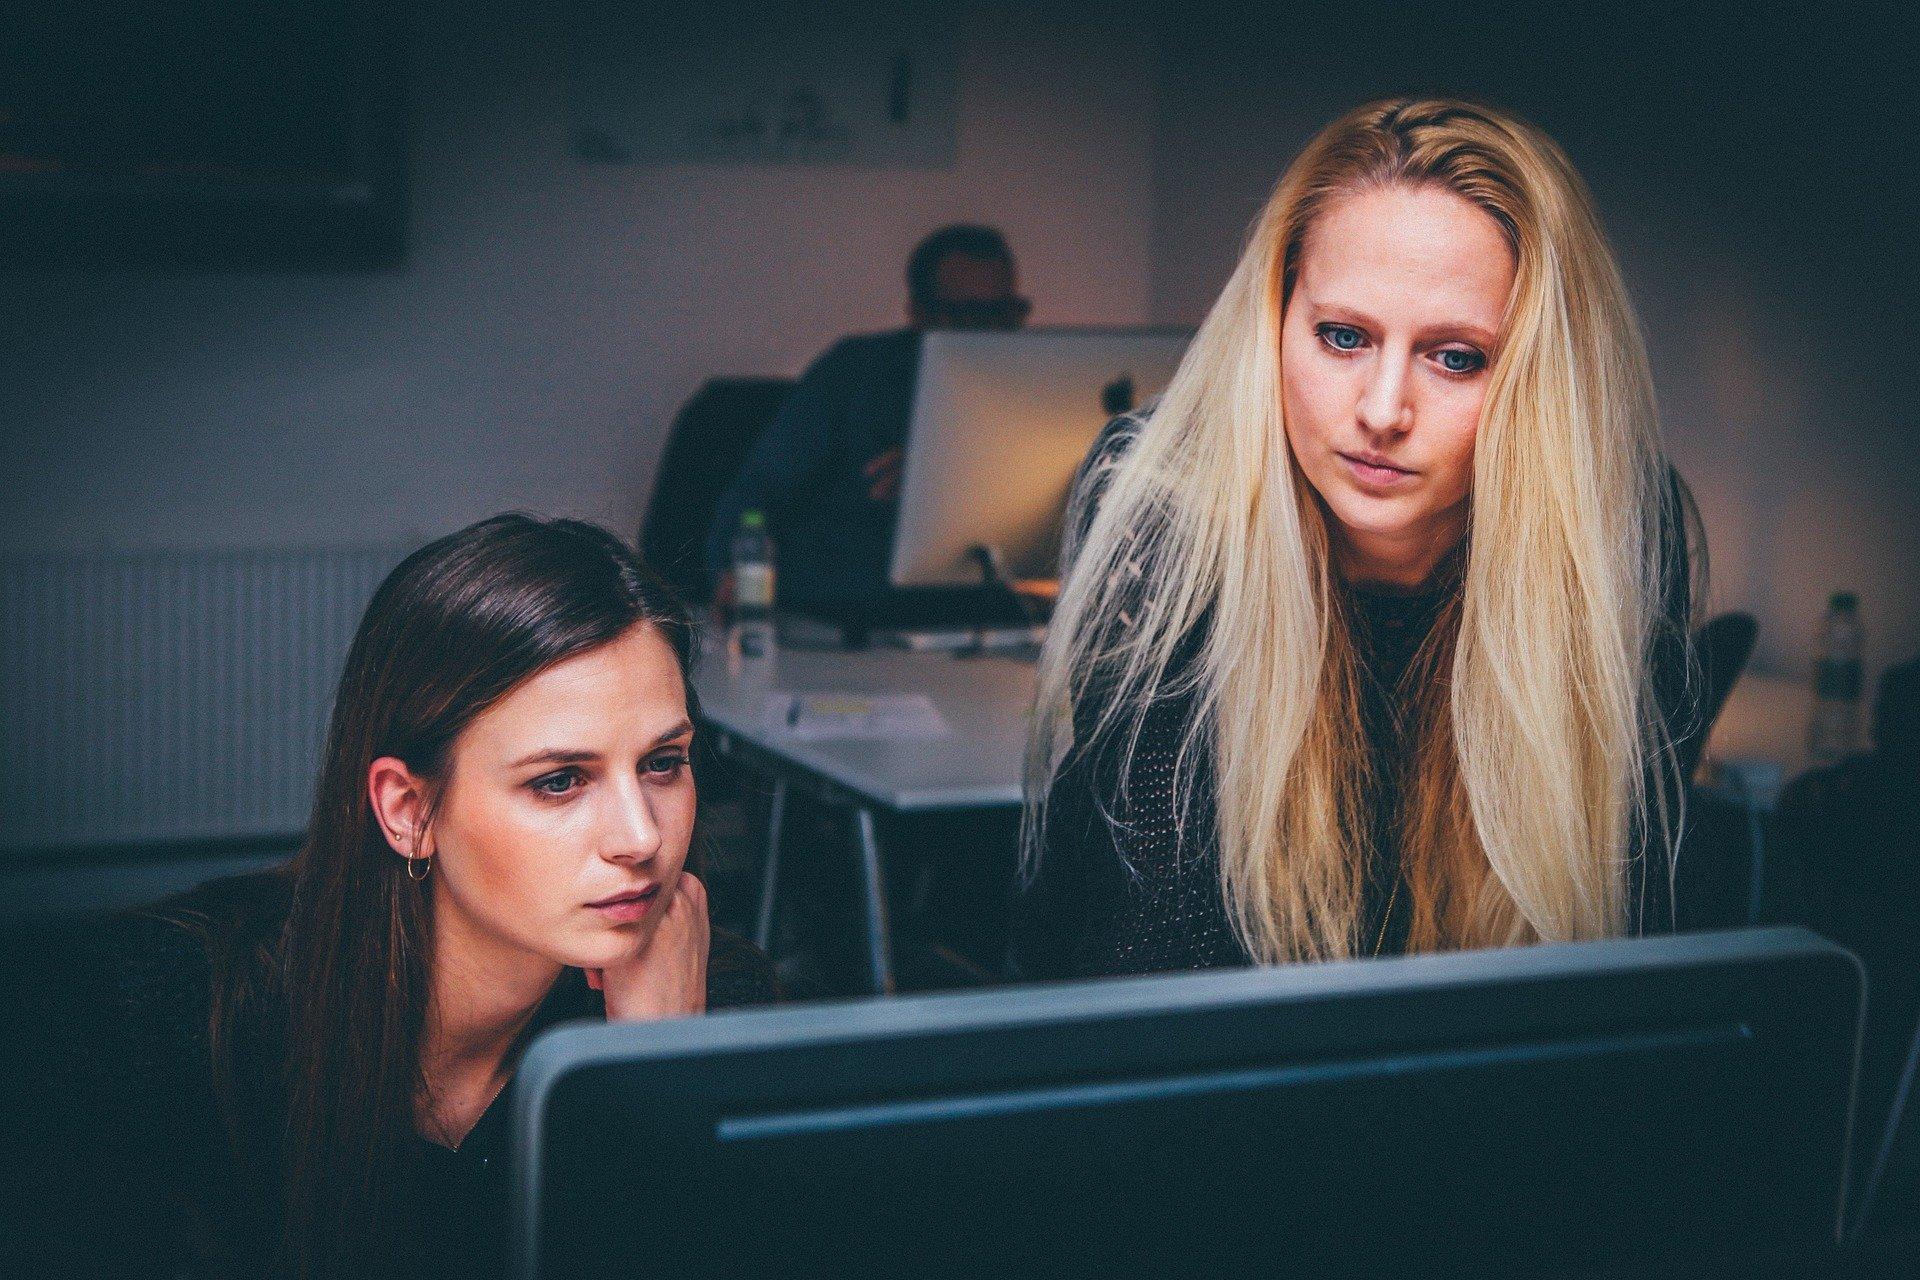 Dla kobiet w IT nie ma rzeczy niemożliwych